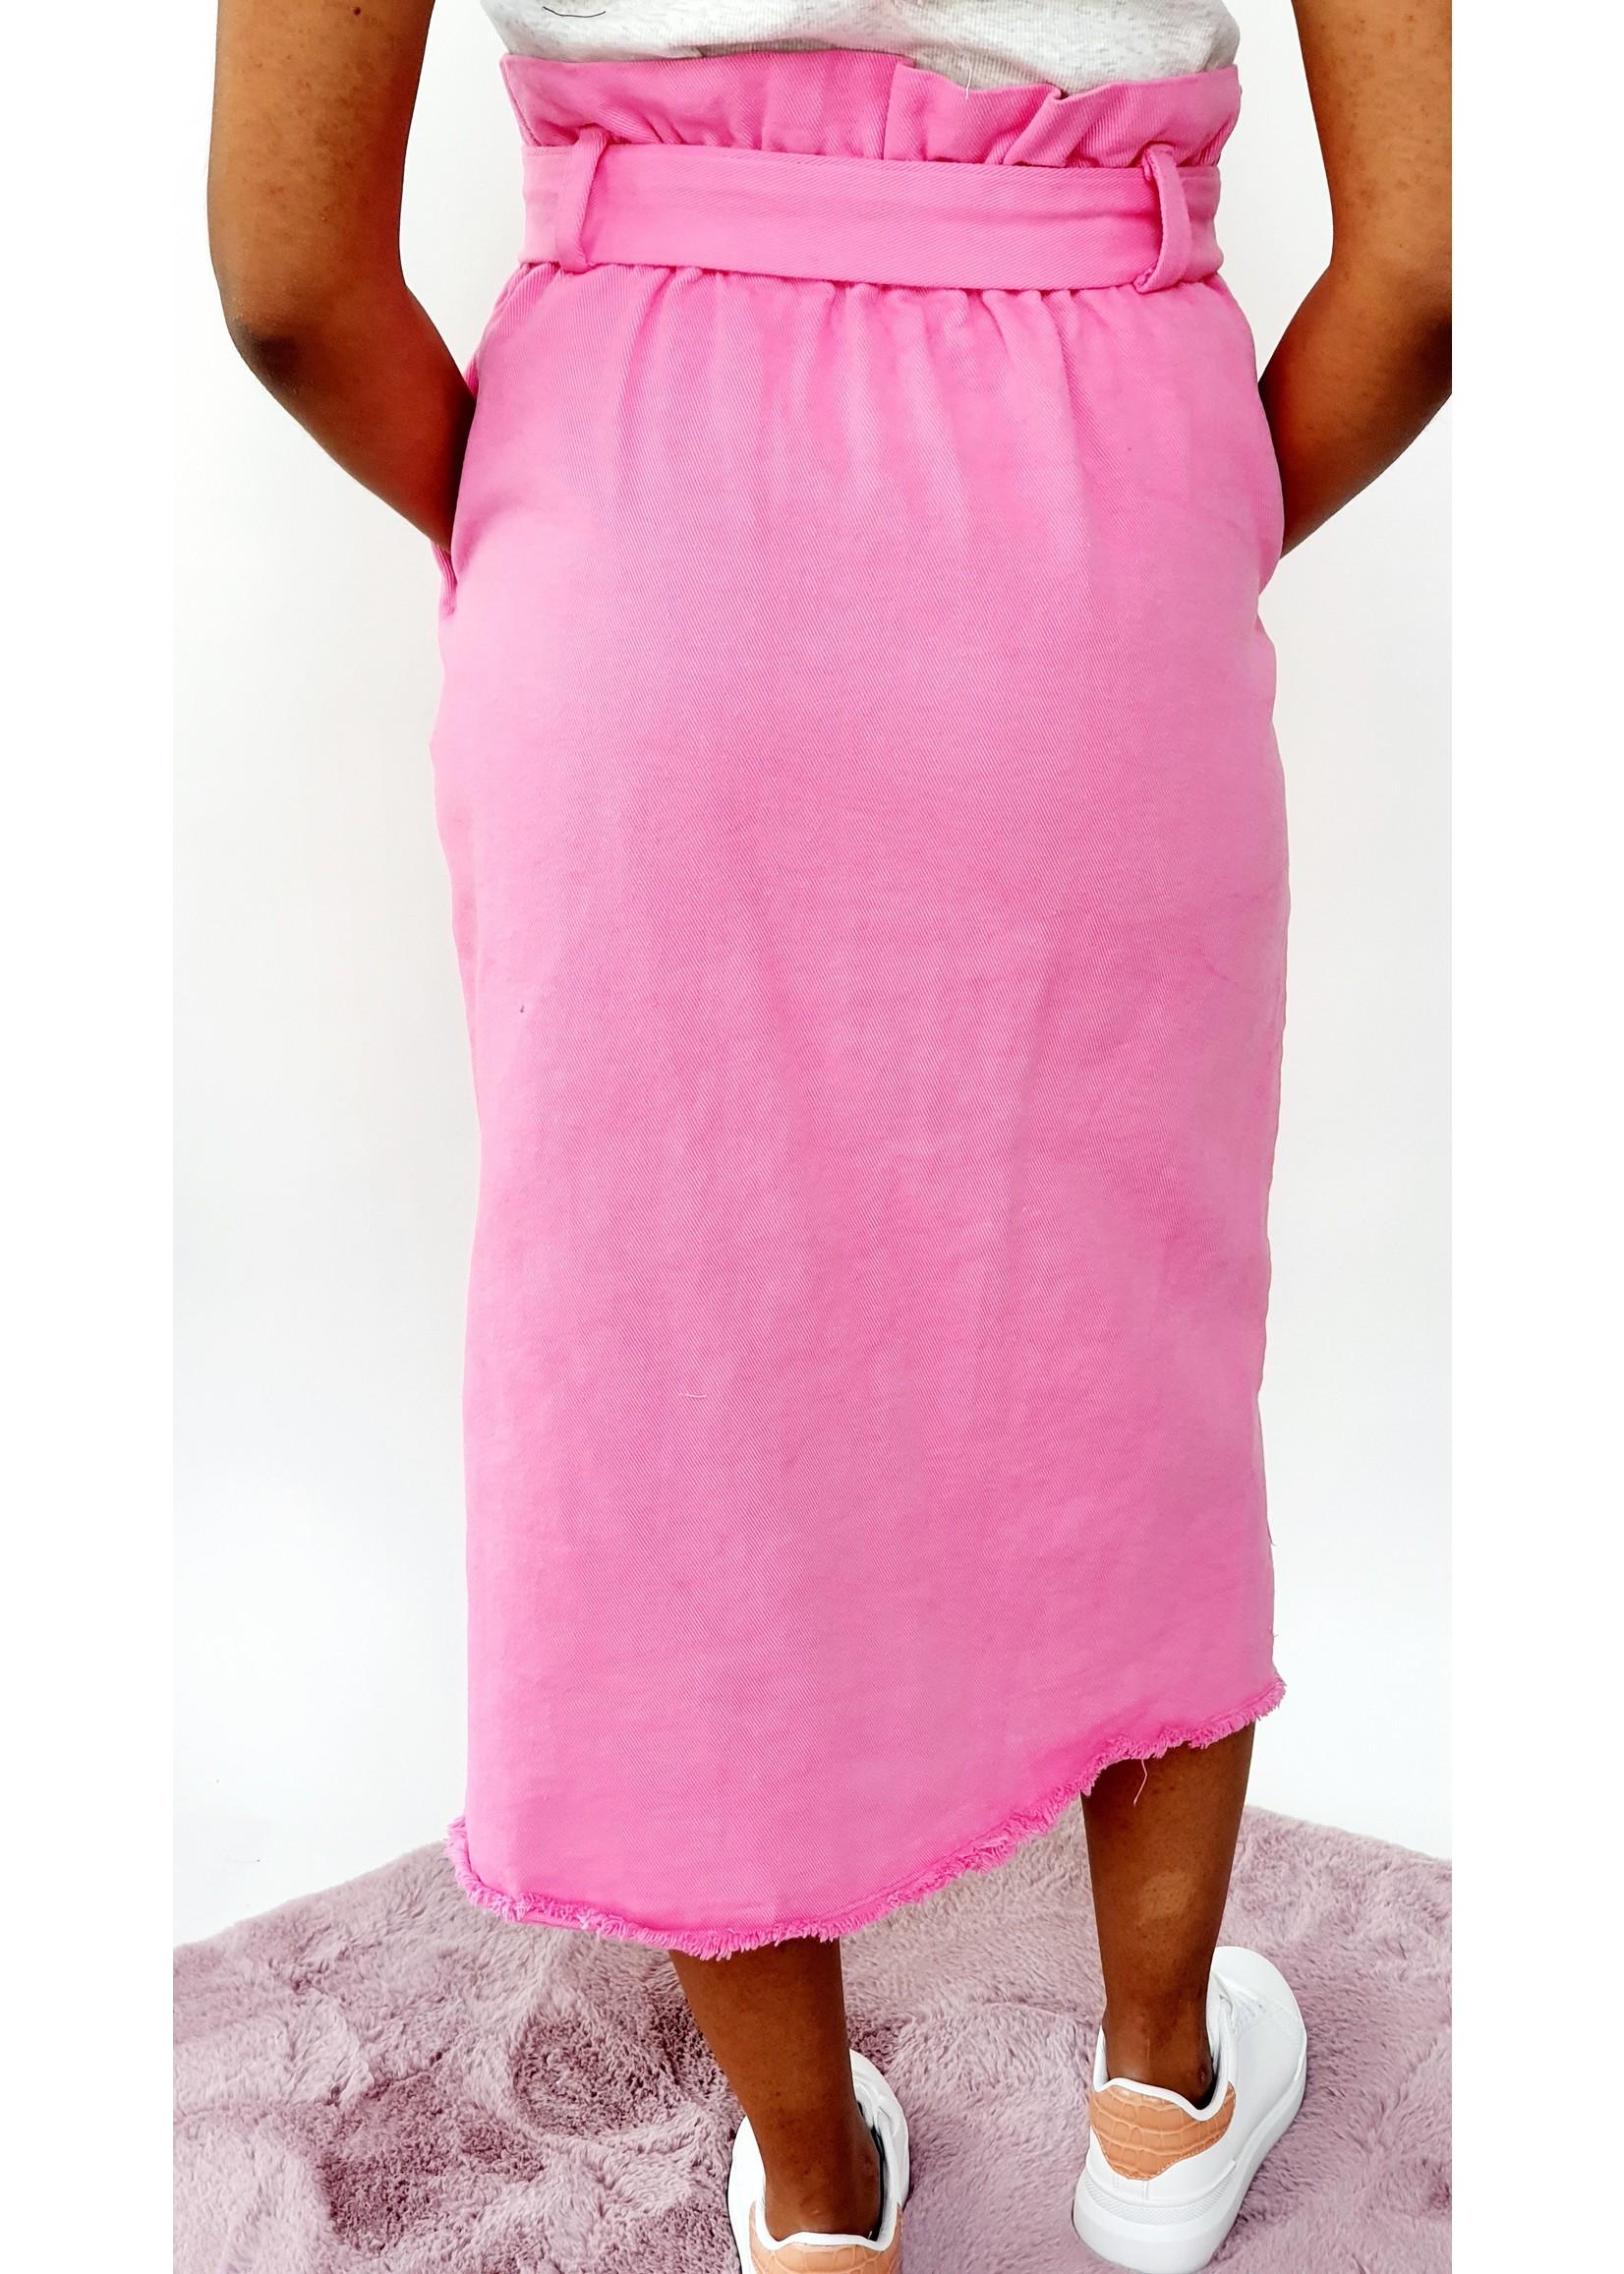 High waist pink skirt